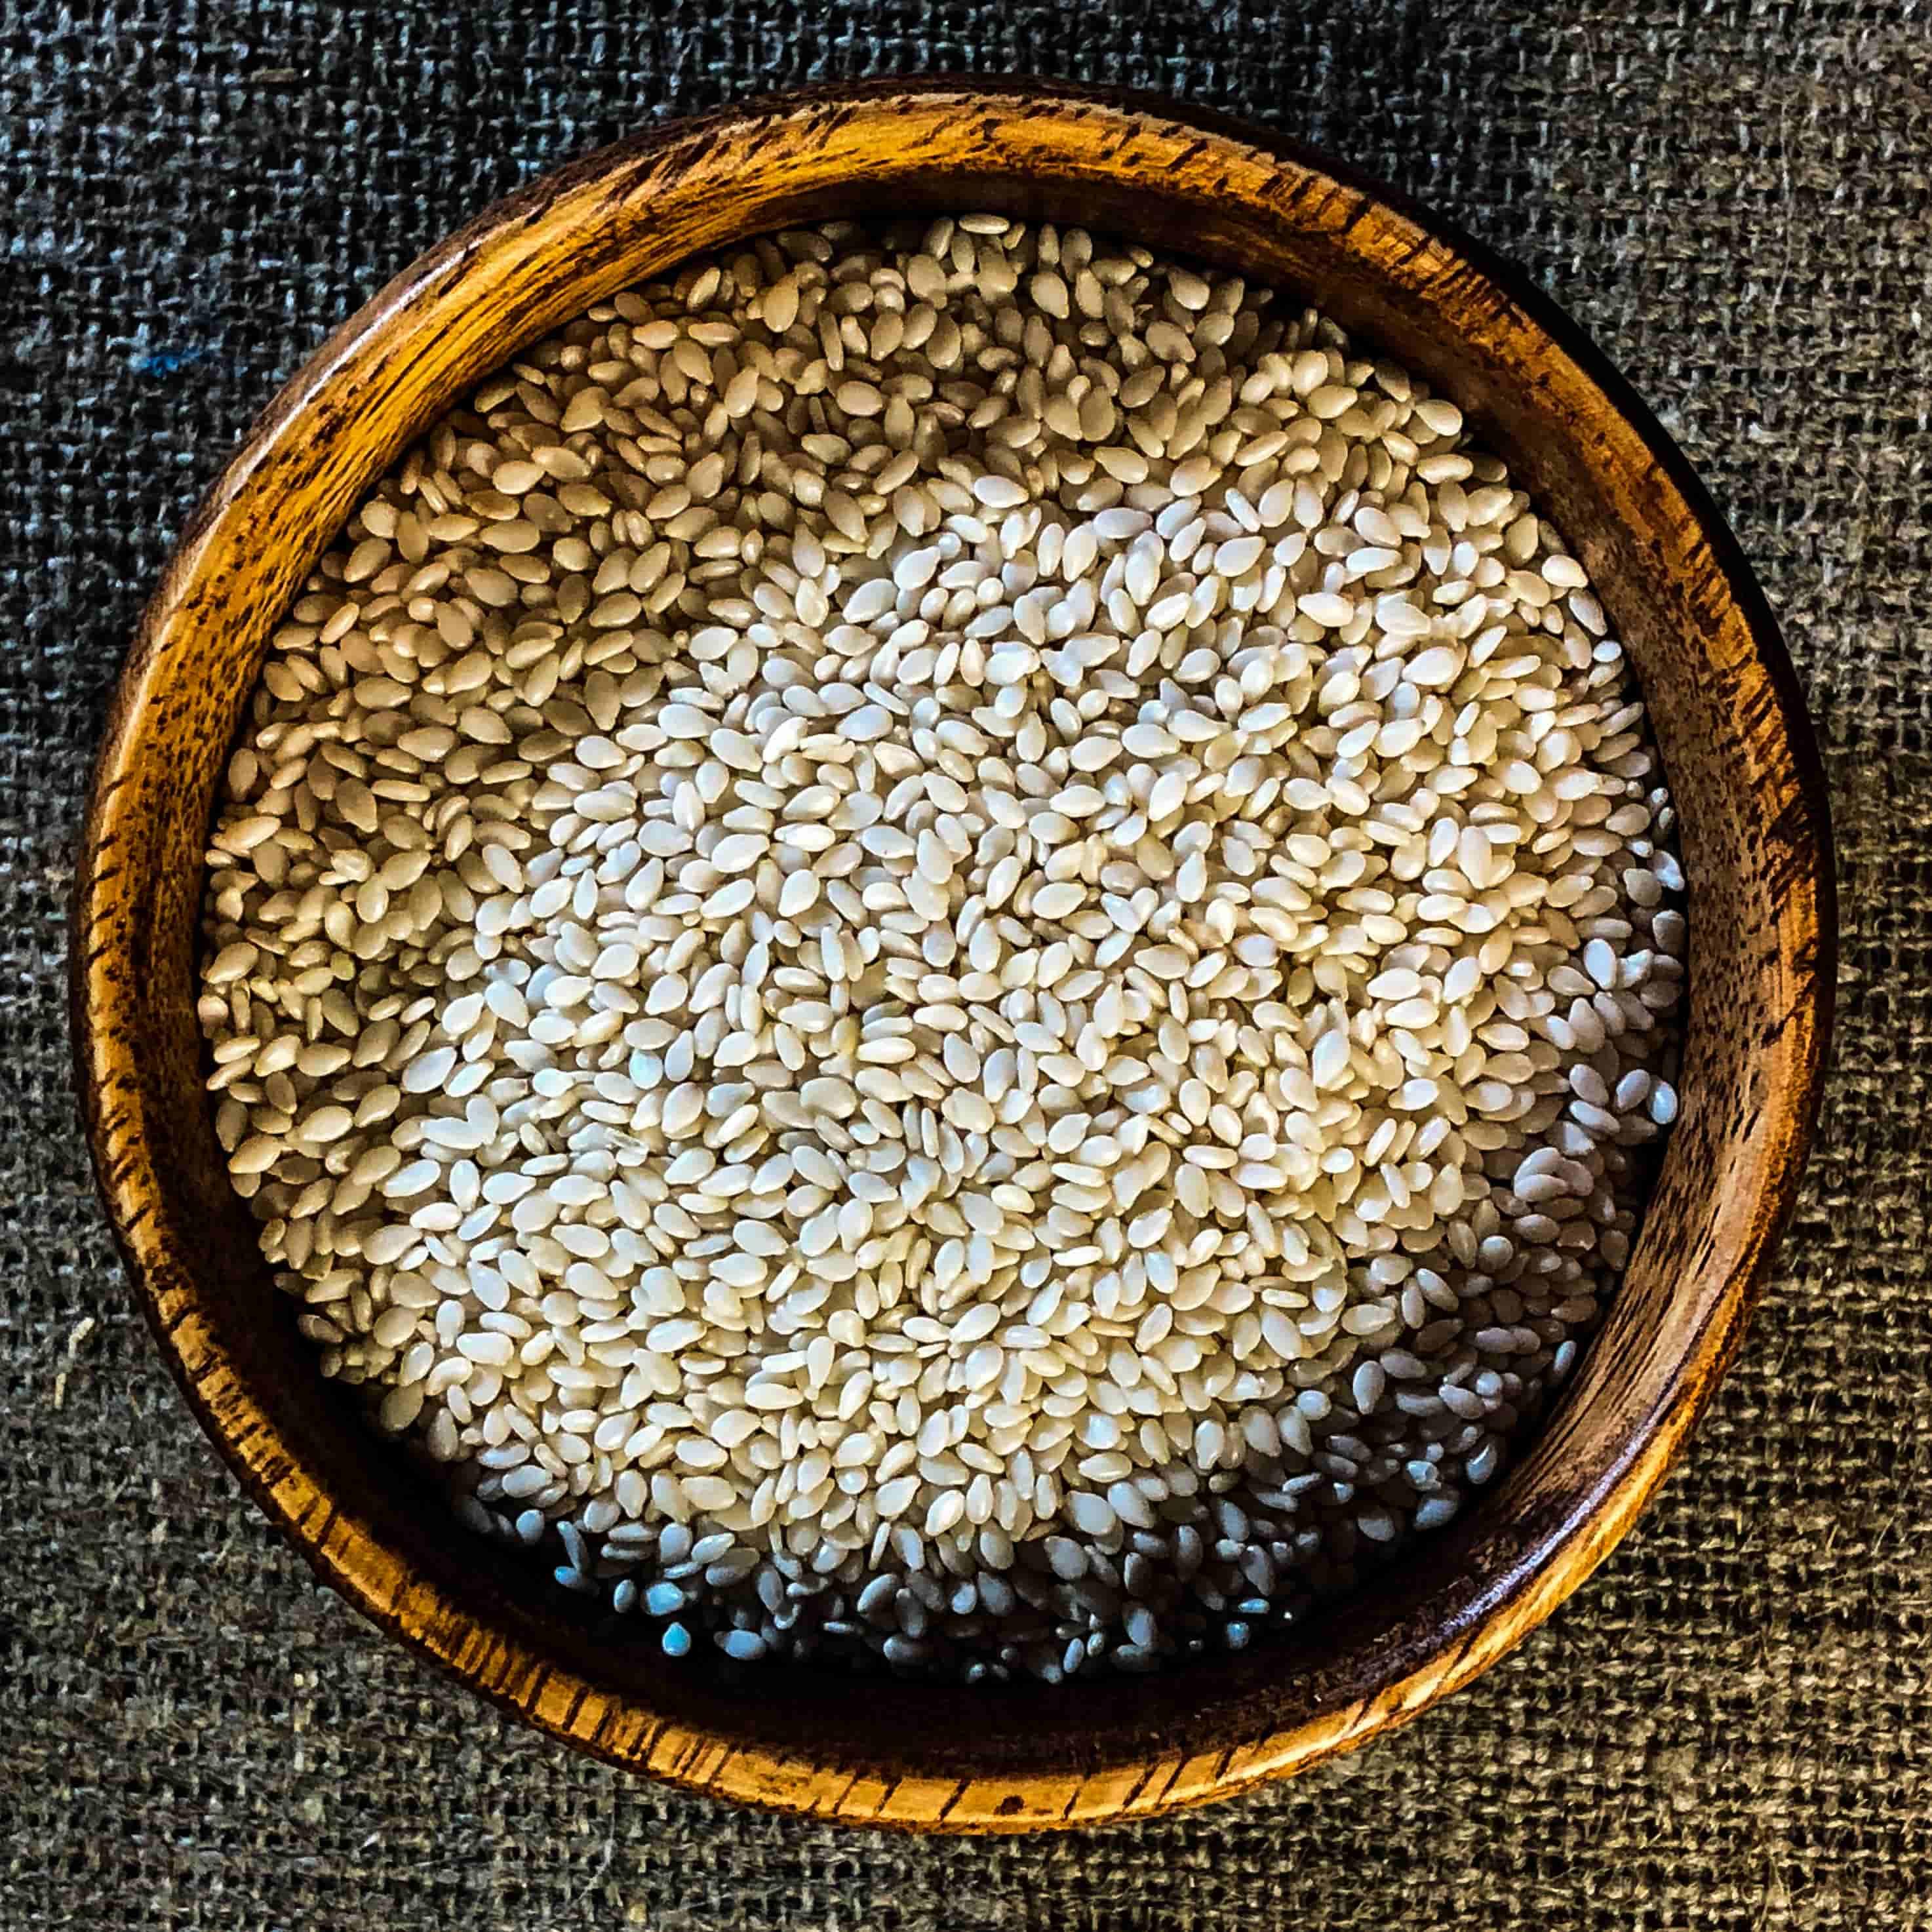 Как растет кунжут? правила выращивания и полезные свойства растения, где в россии растет сезам?